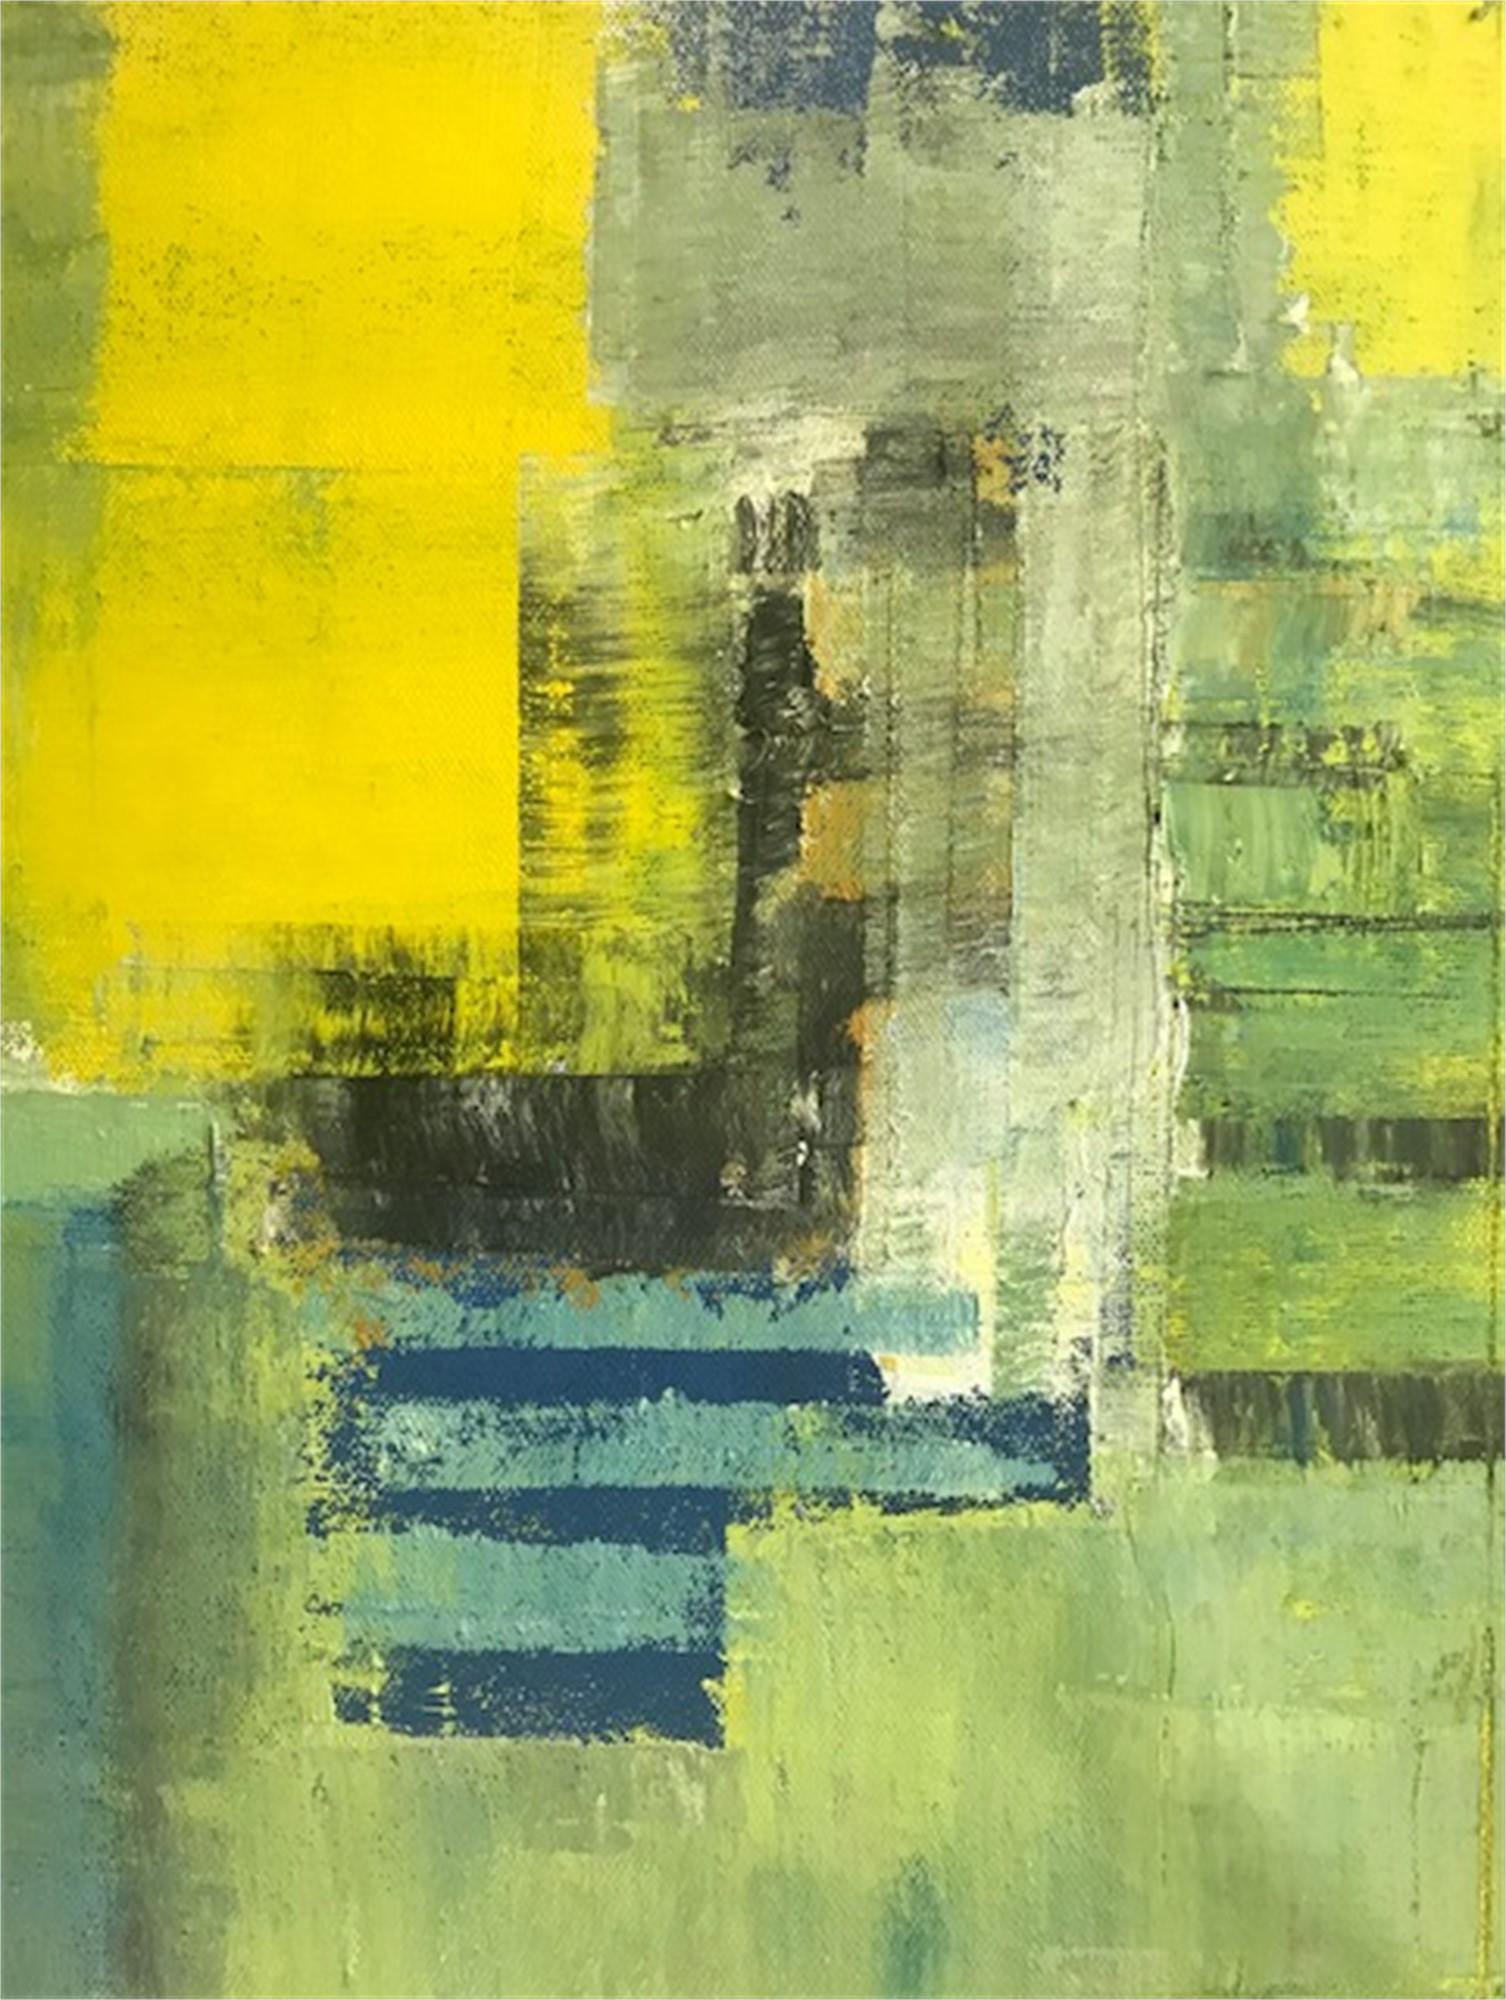 Stairsteps by John McCaw   ArtCloud